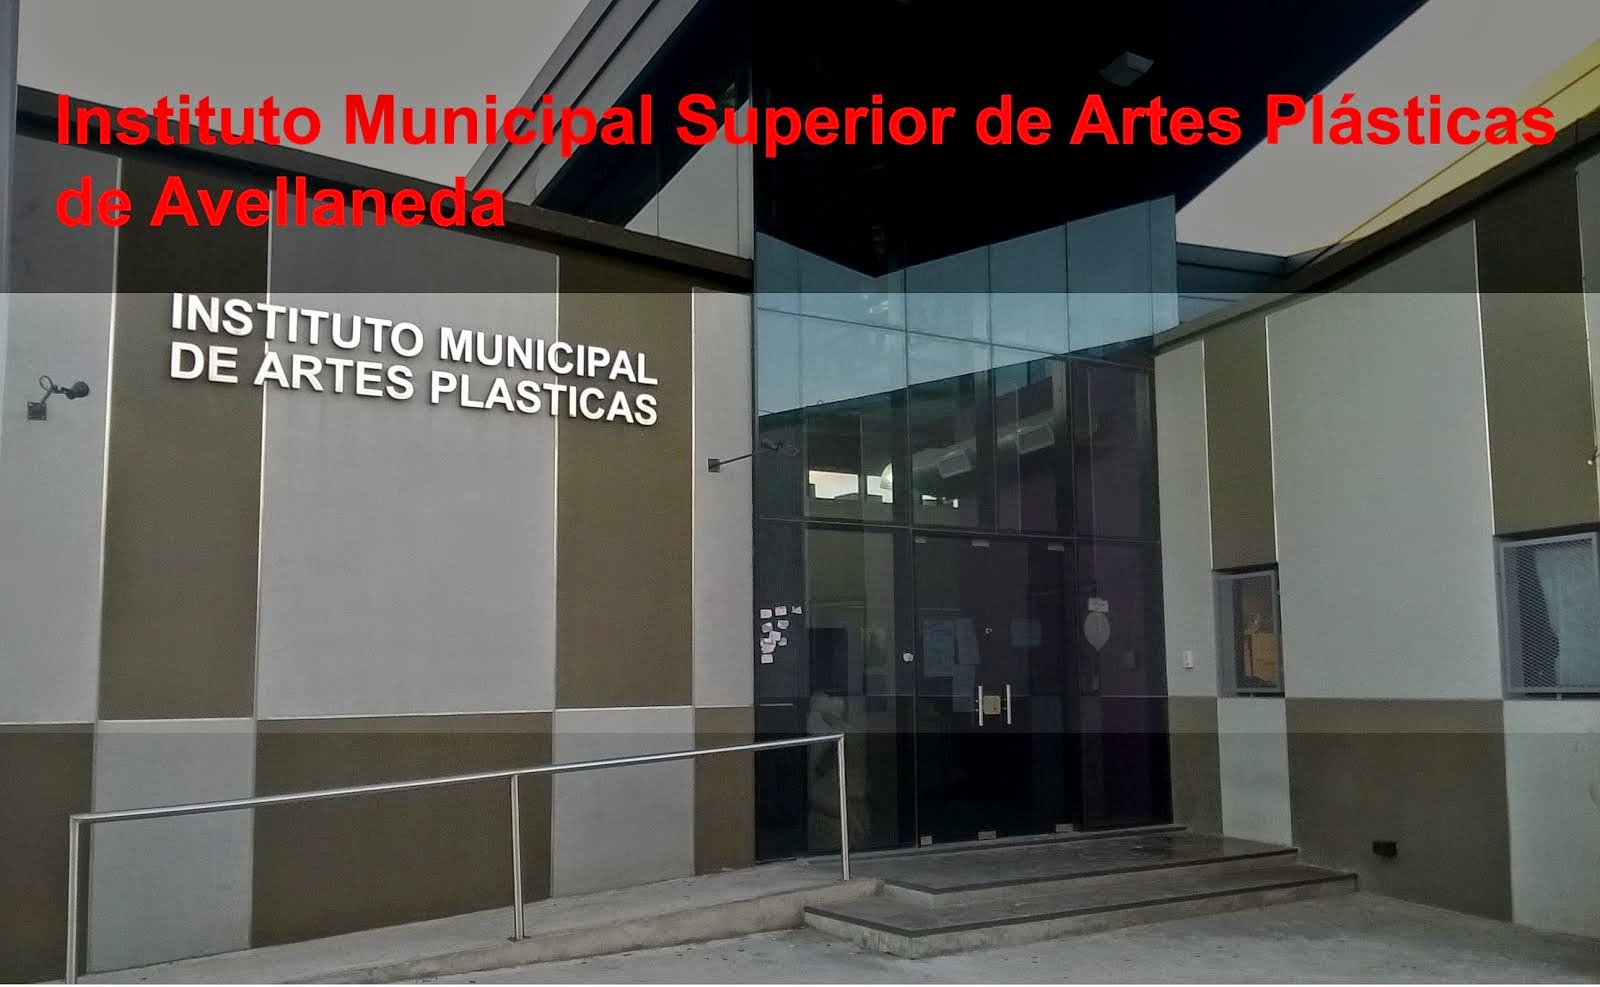 Instituto Municipal Superior  de Artes Plásticas de Avellaneda